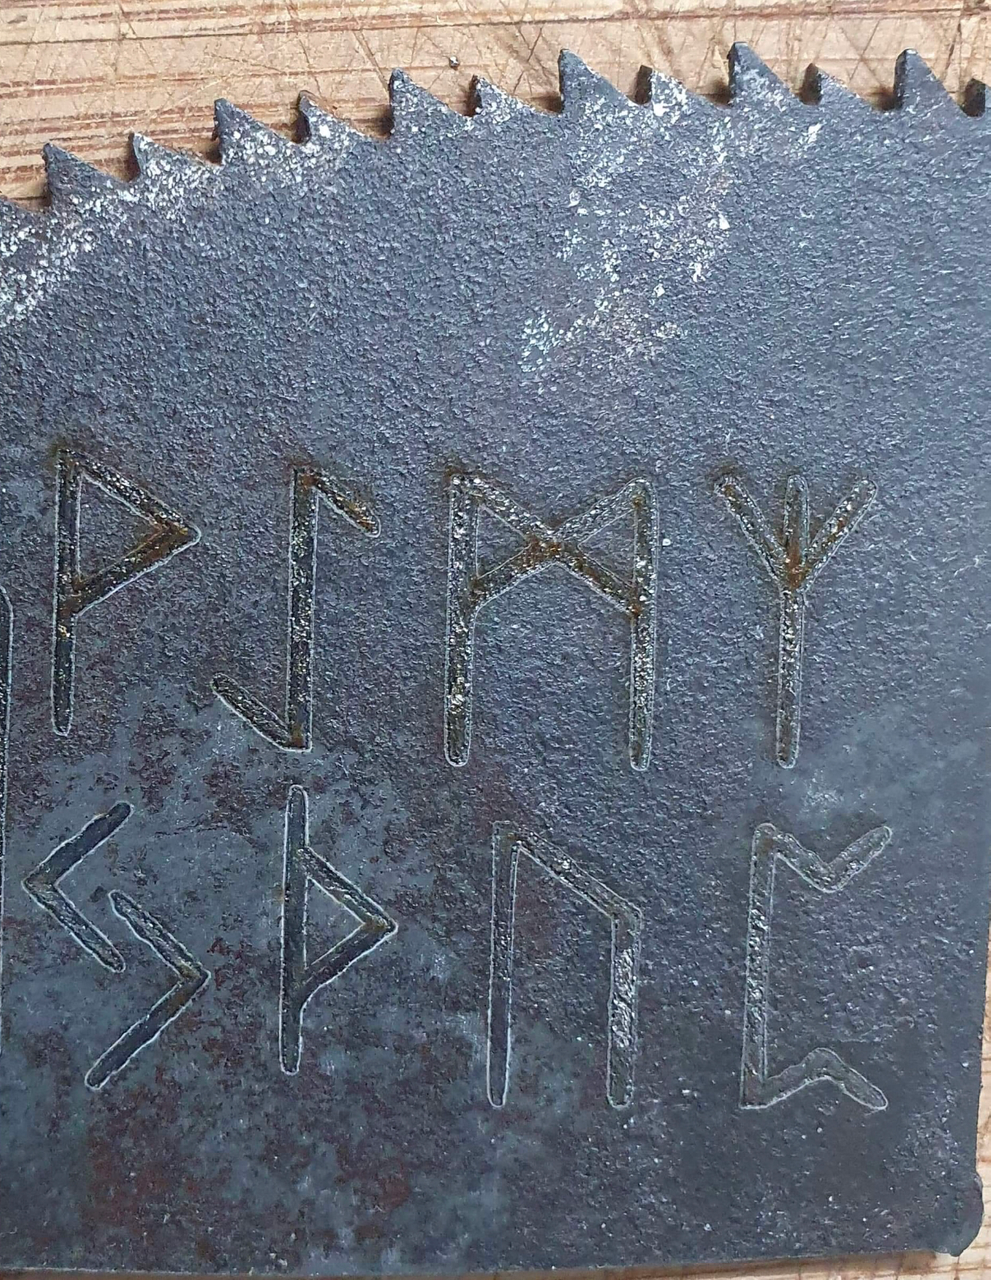 Laser engraving runes on steel